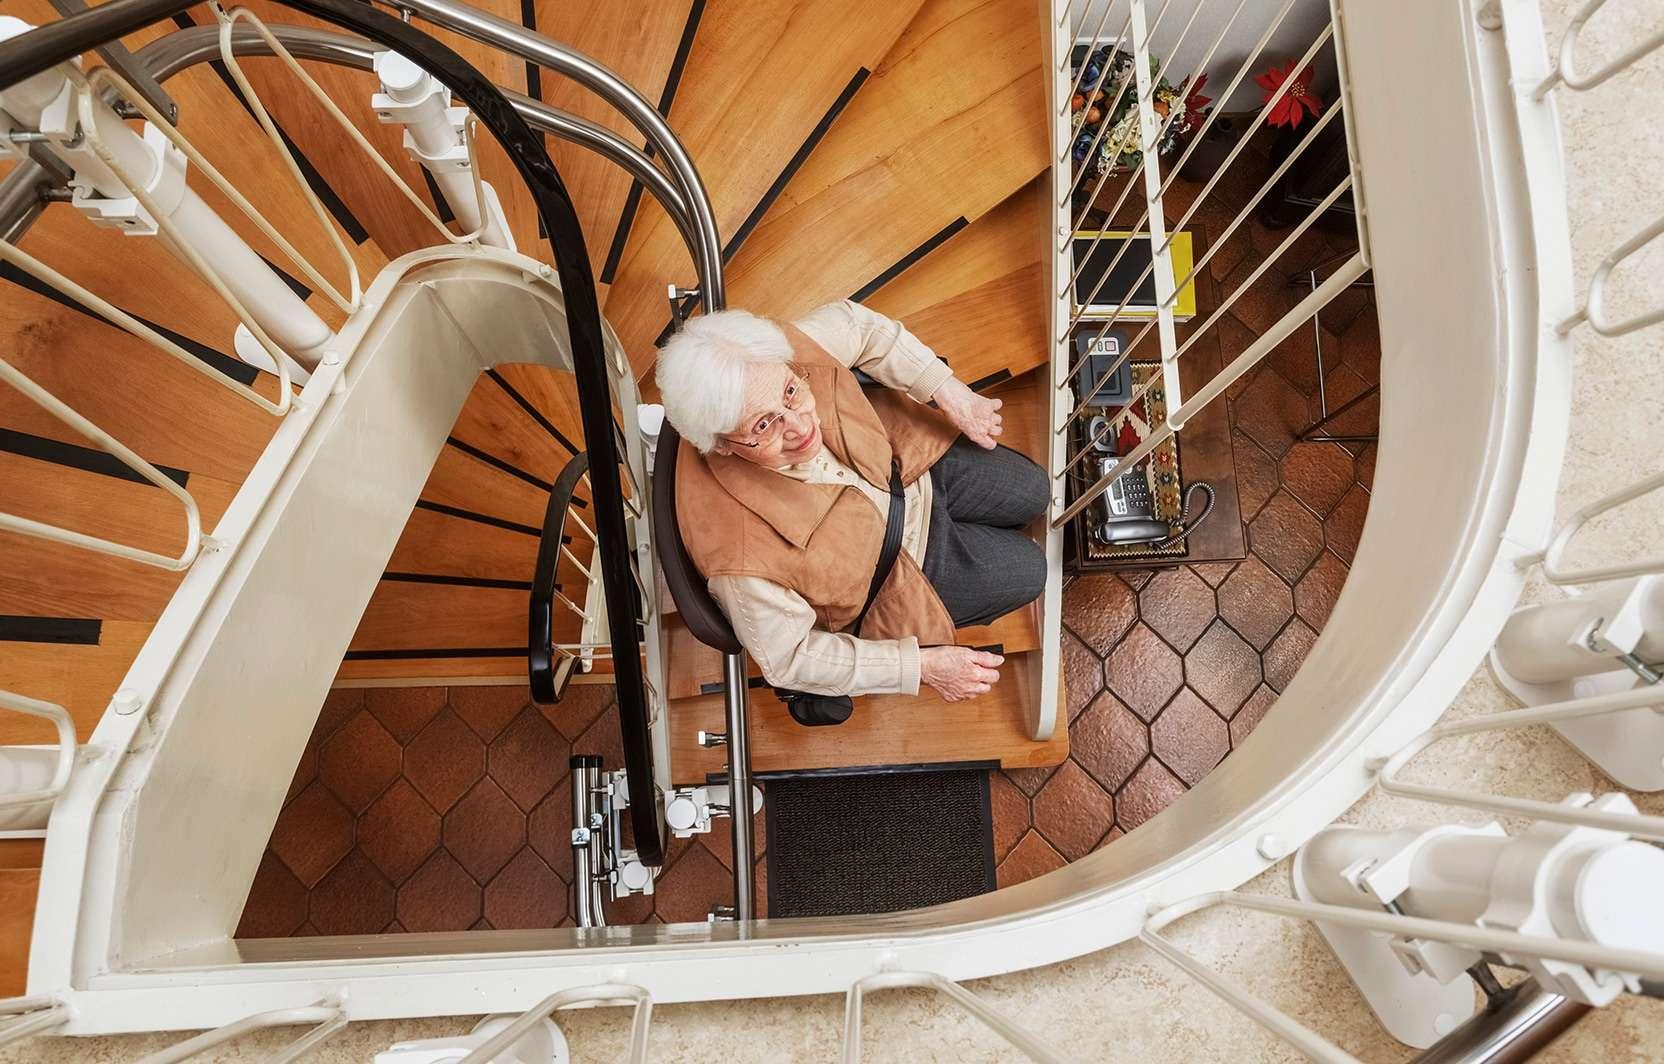 Altersgerecht wohnen – was muss man beachten?